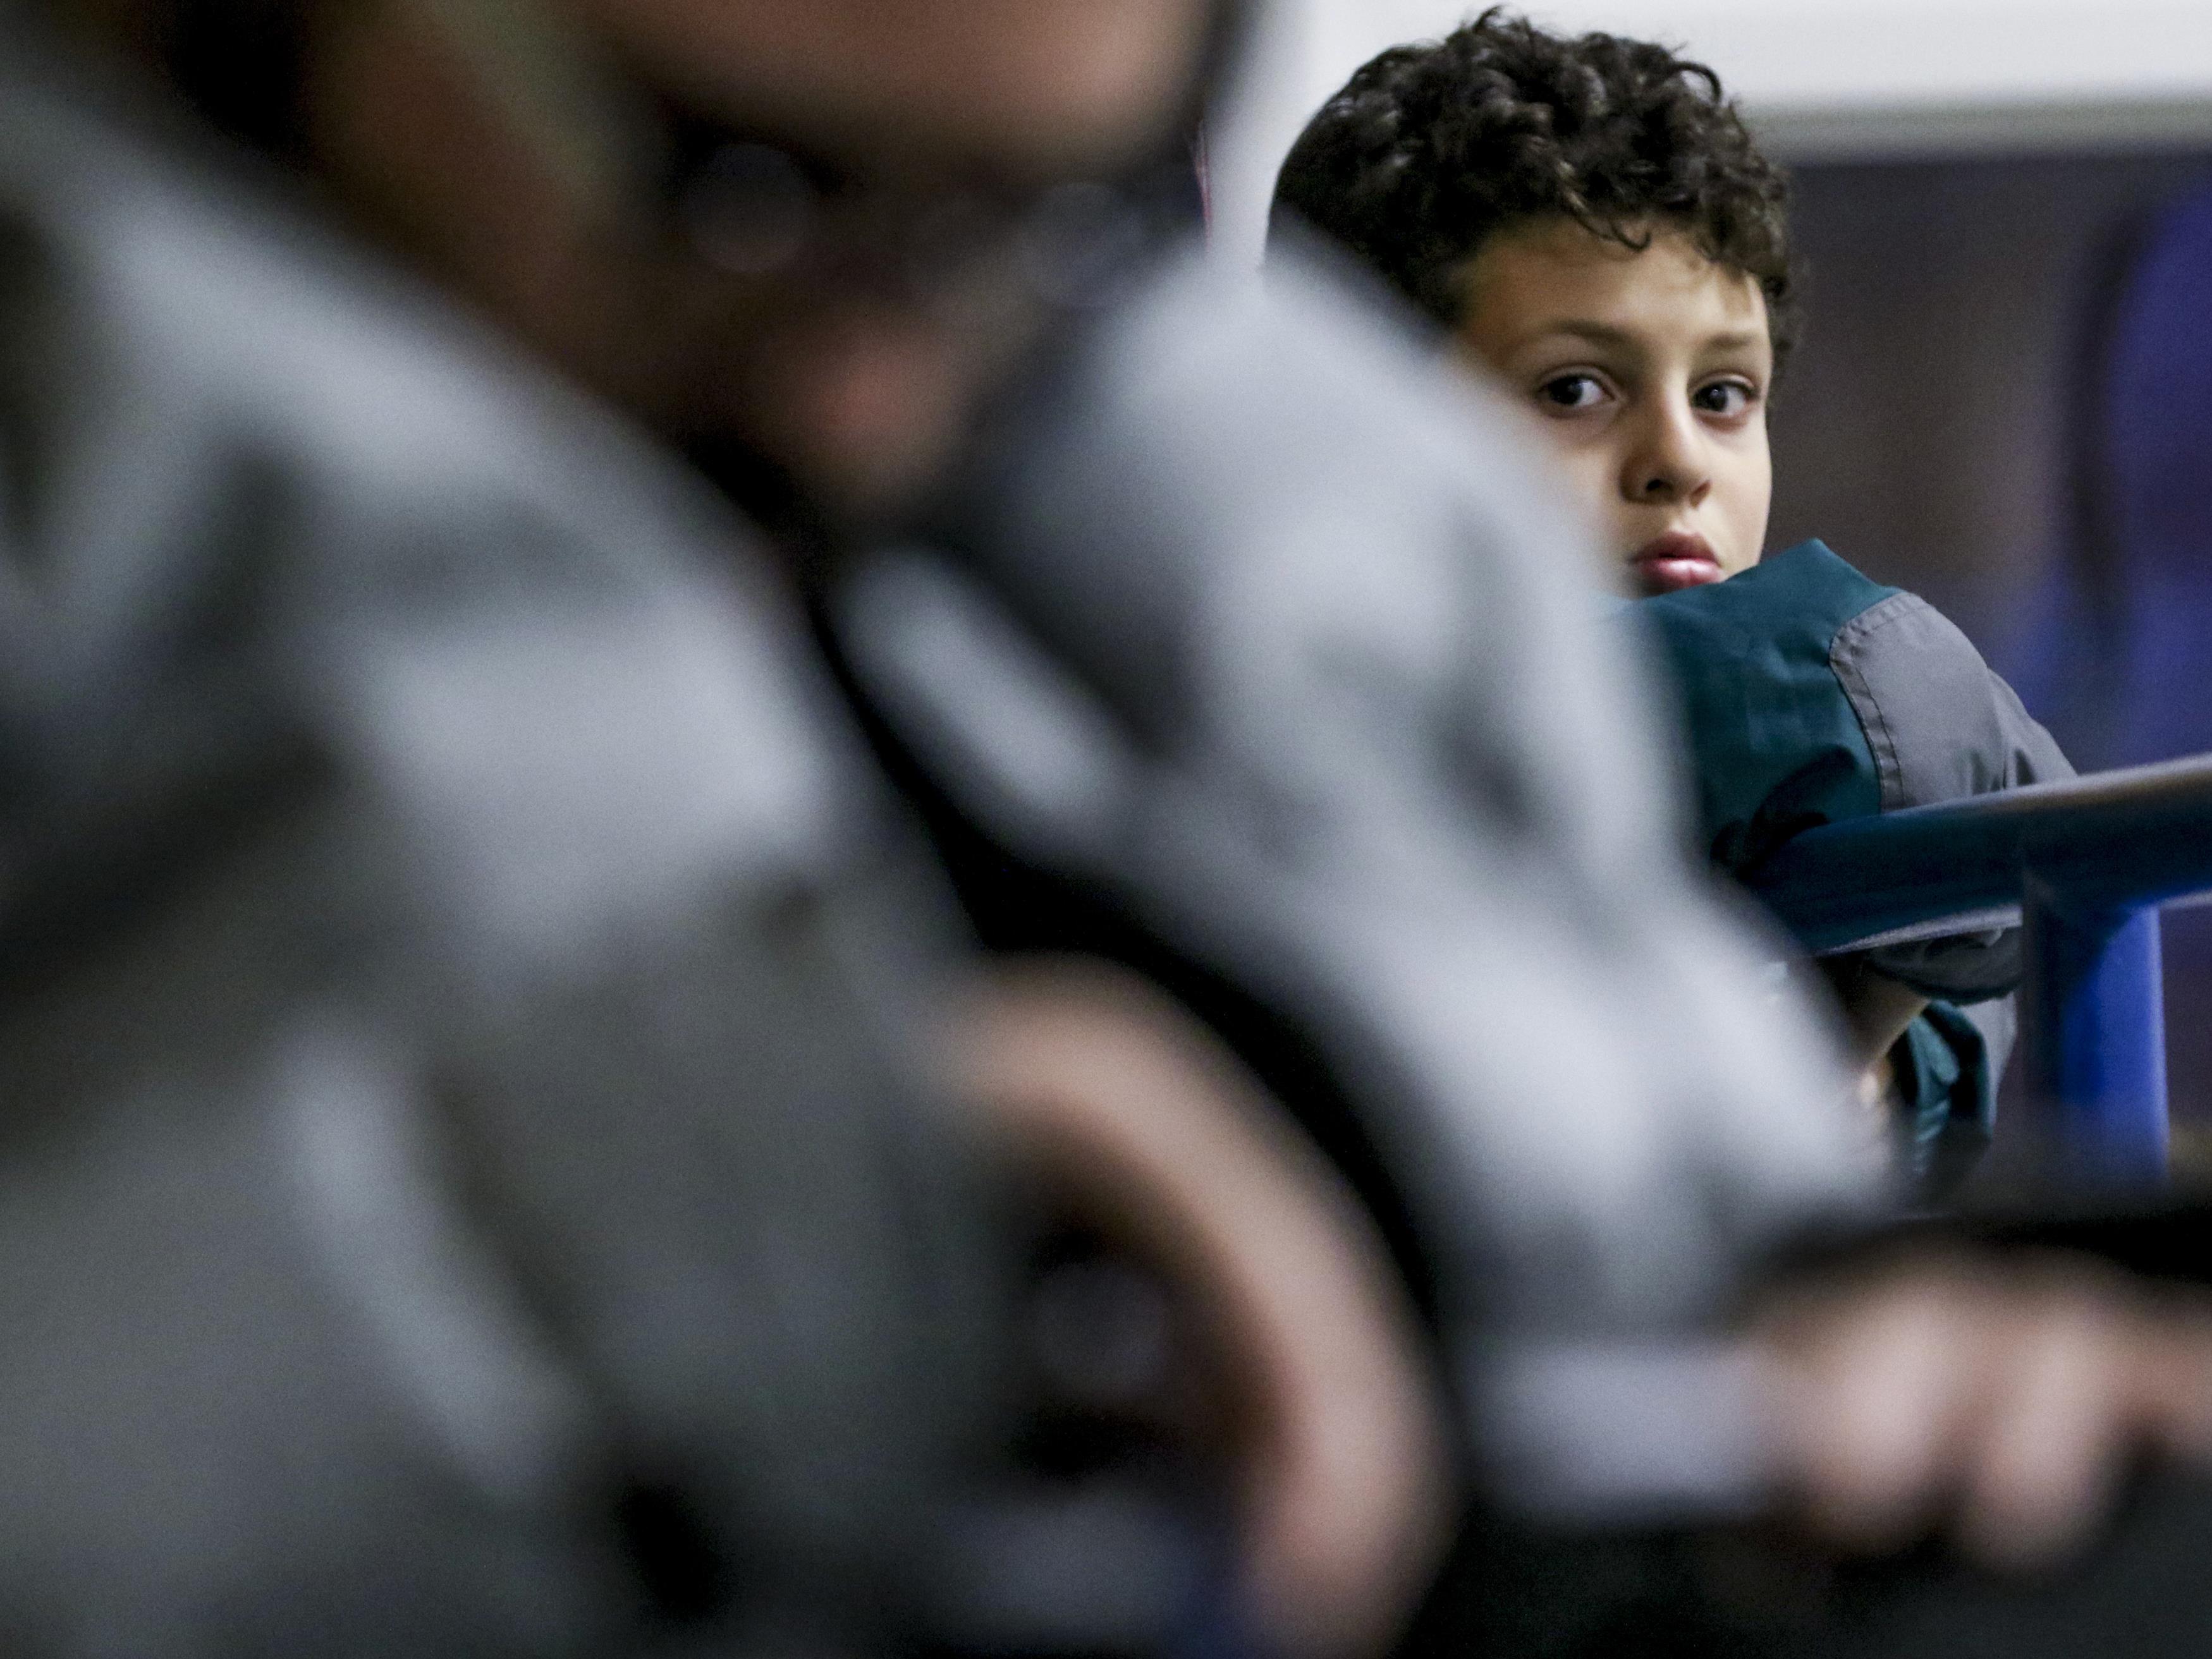 Après son match de soccer, Ayoub regarde son père de dos.